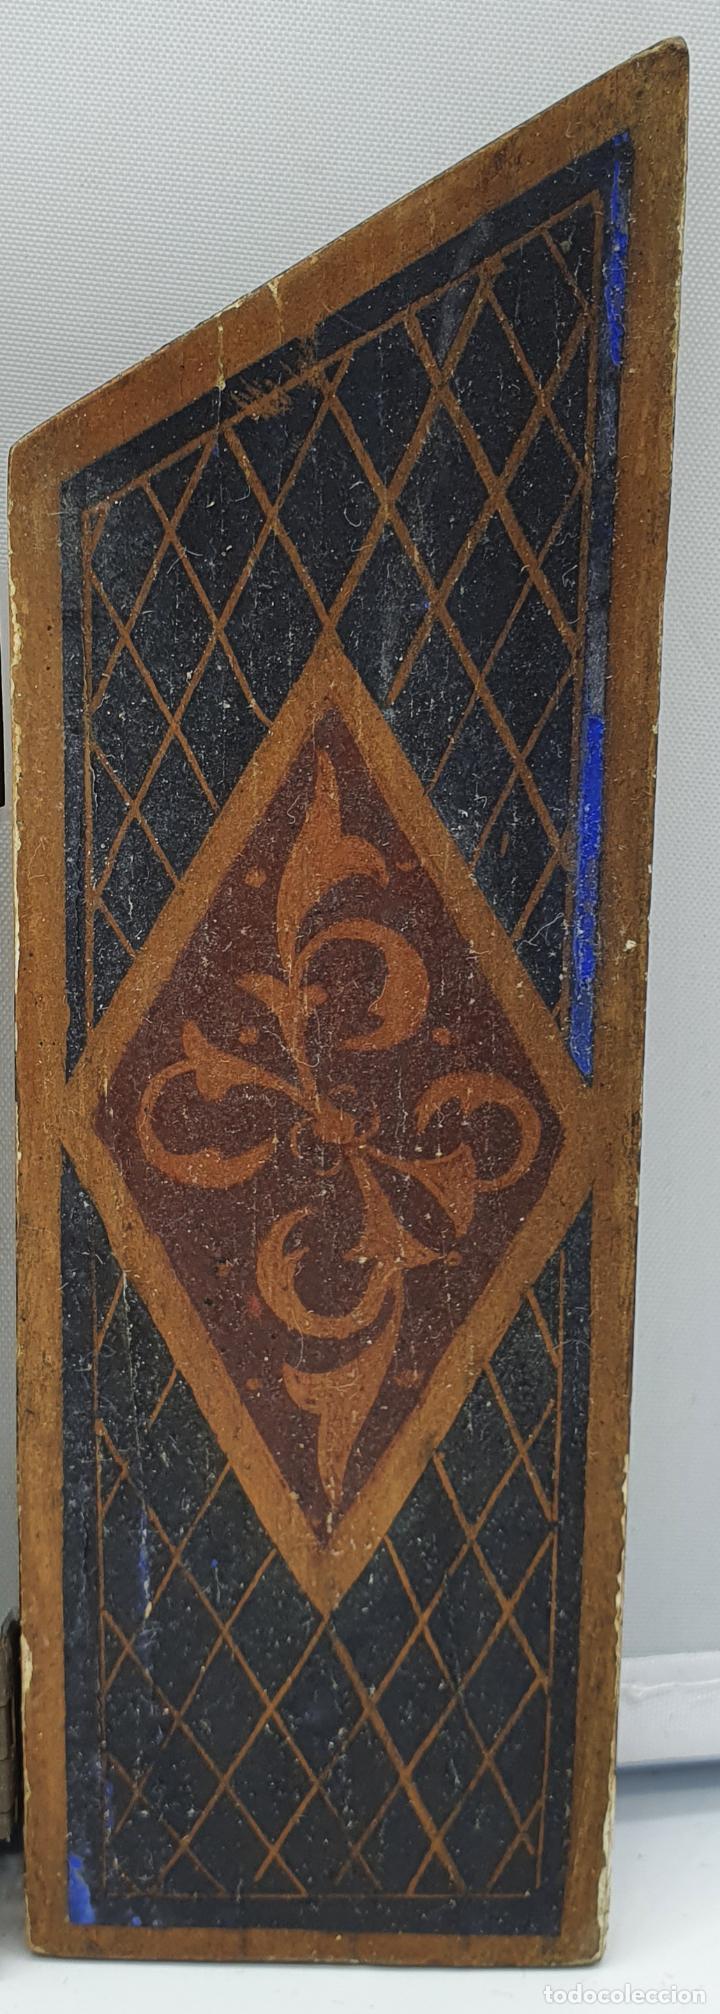 Arte: Precioso tríptico antiguo de estilo renacentista en madera con acabado en estuco . - Foto 5 - 238309120